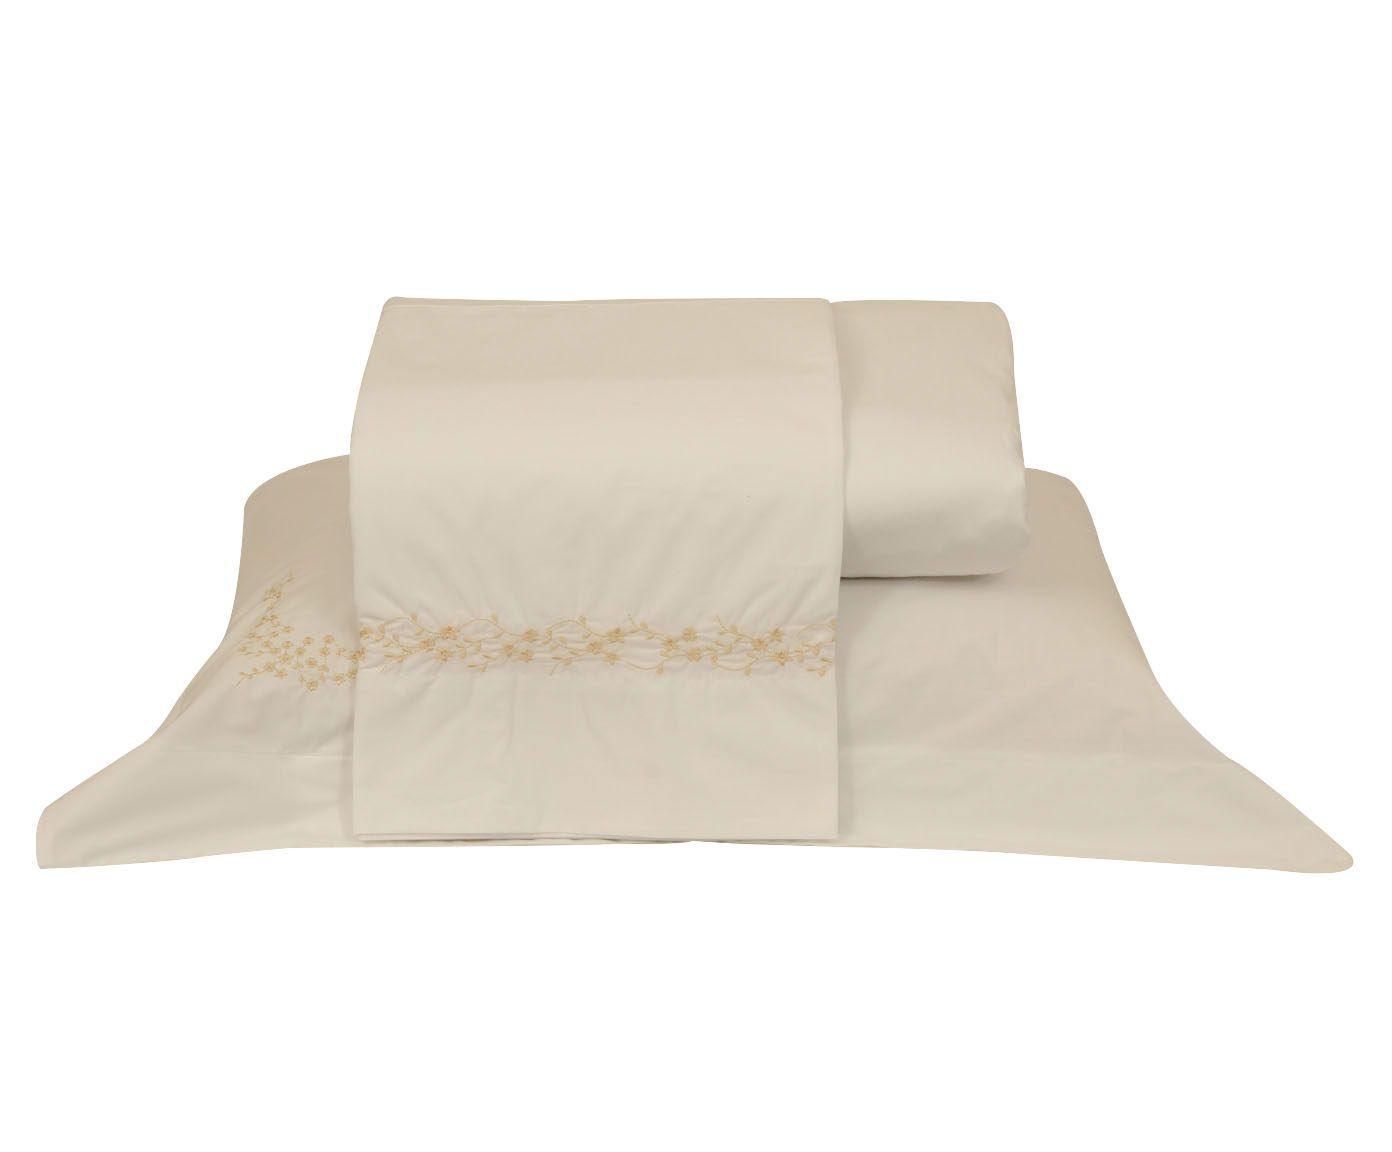 Jogo de lençol daya para cama queen size 200 fios   Westwing.com.br